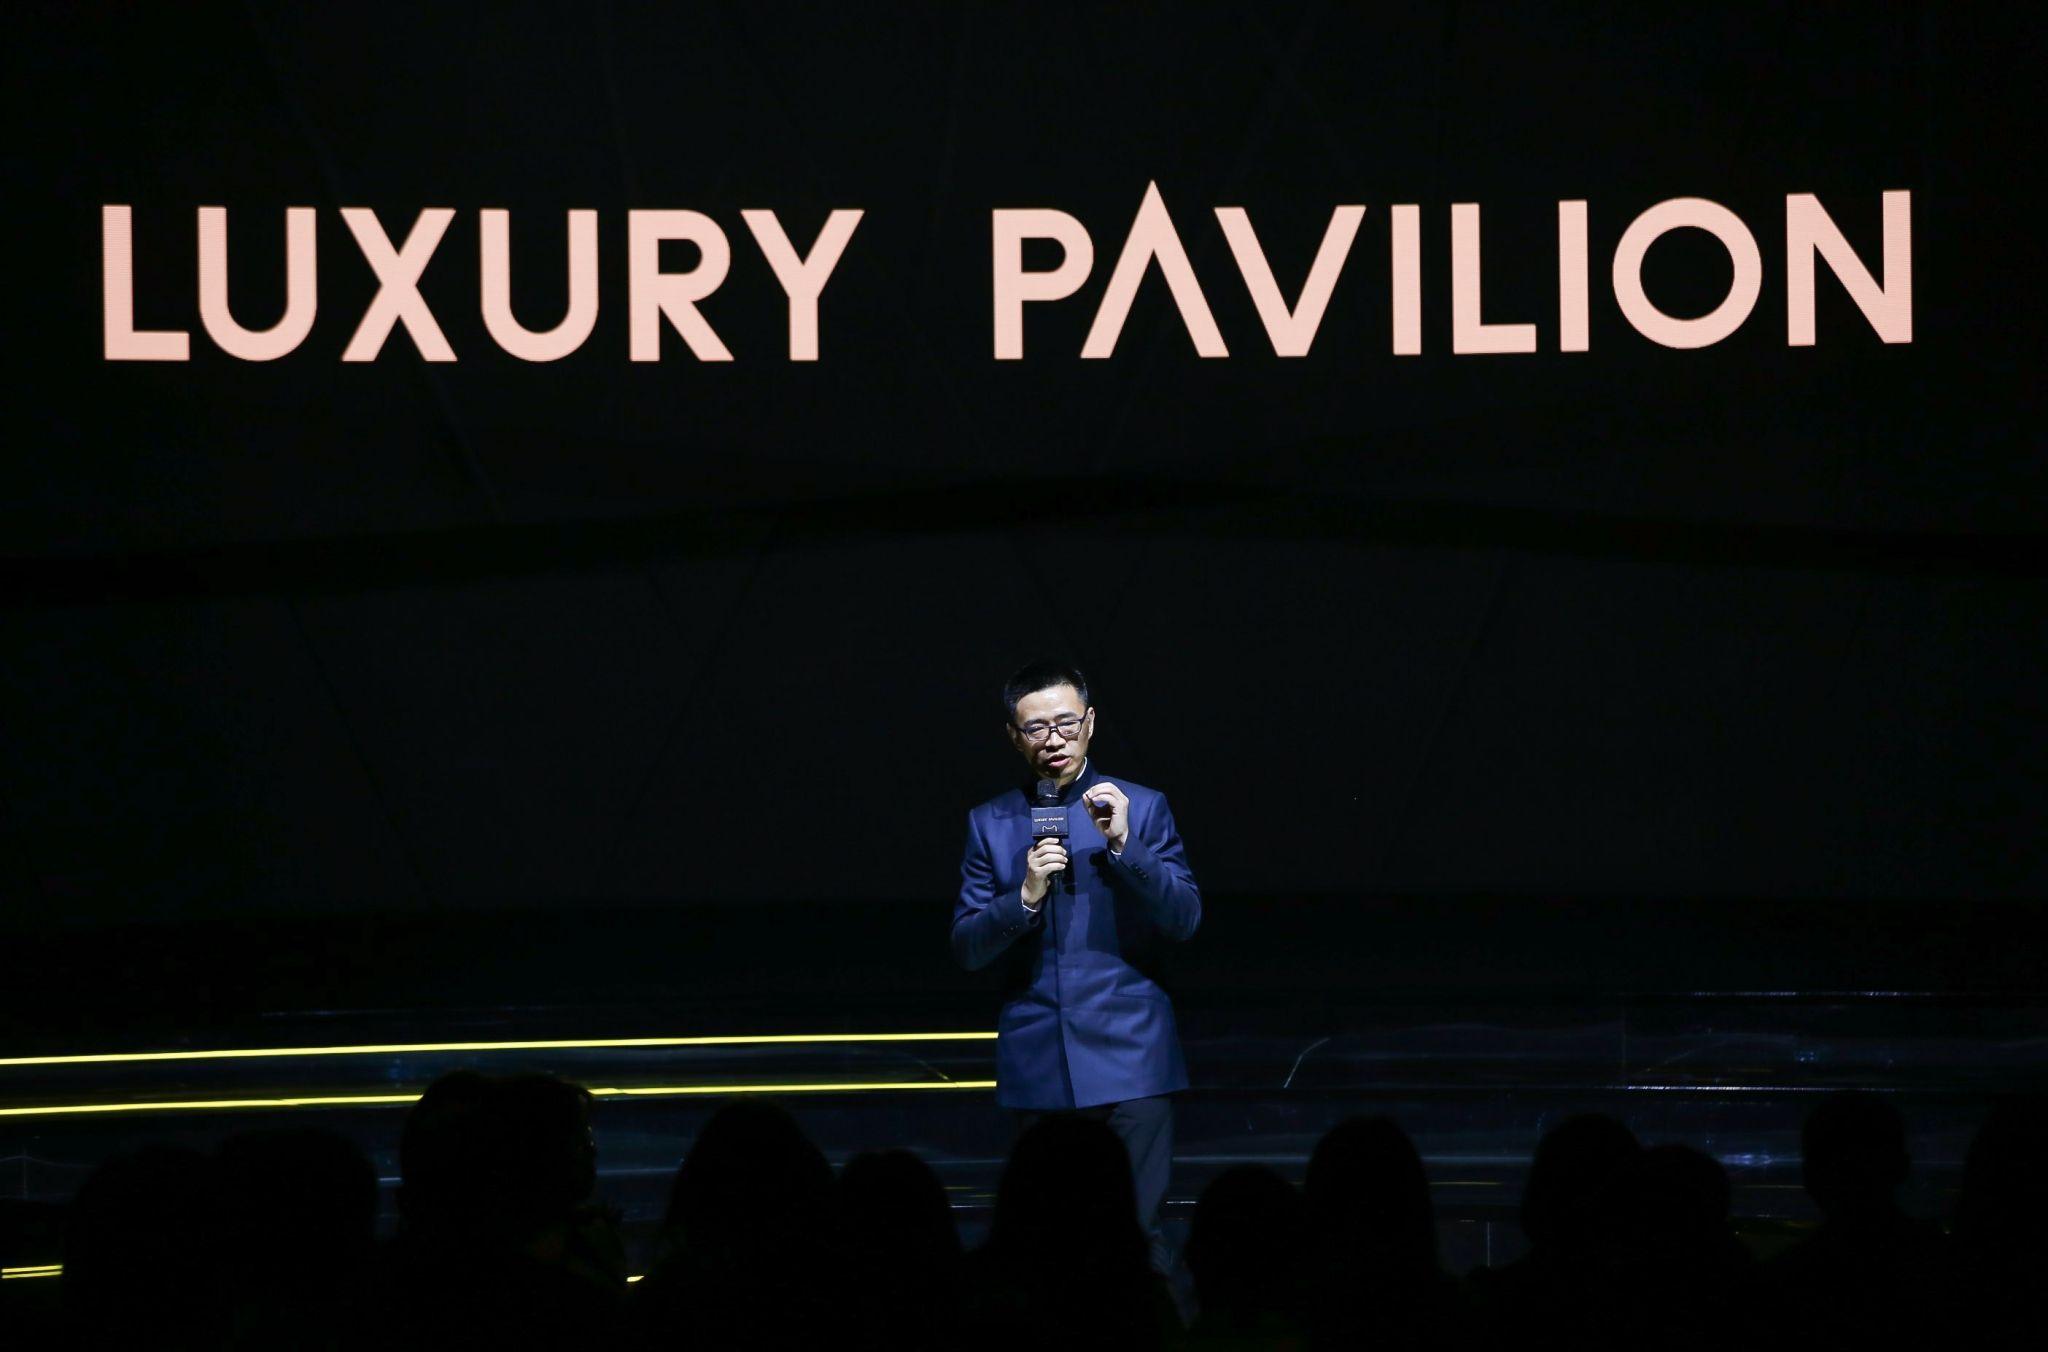 天猫发布奢侈品战略,未来三年有小目标